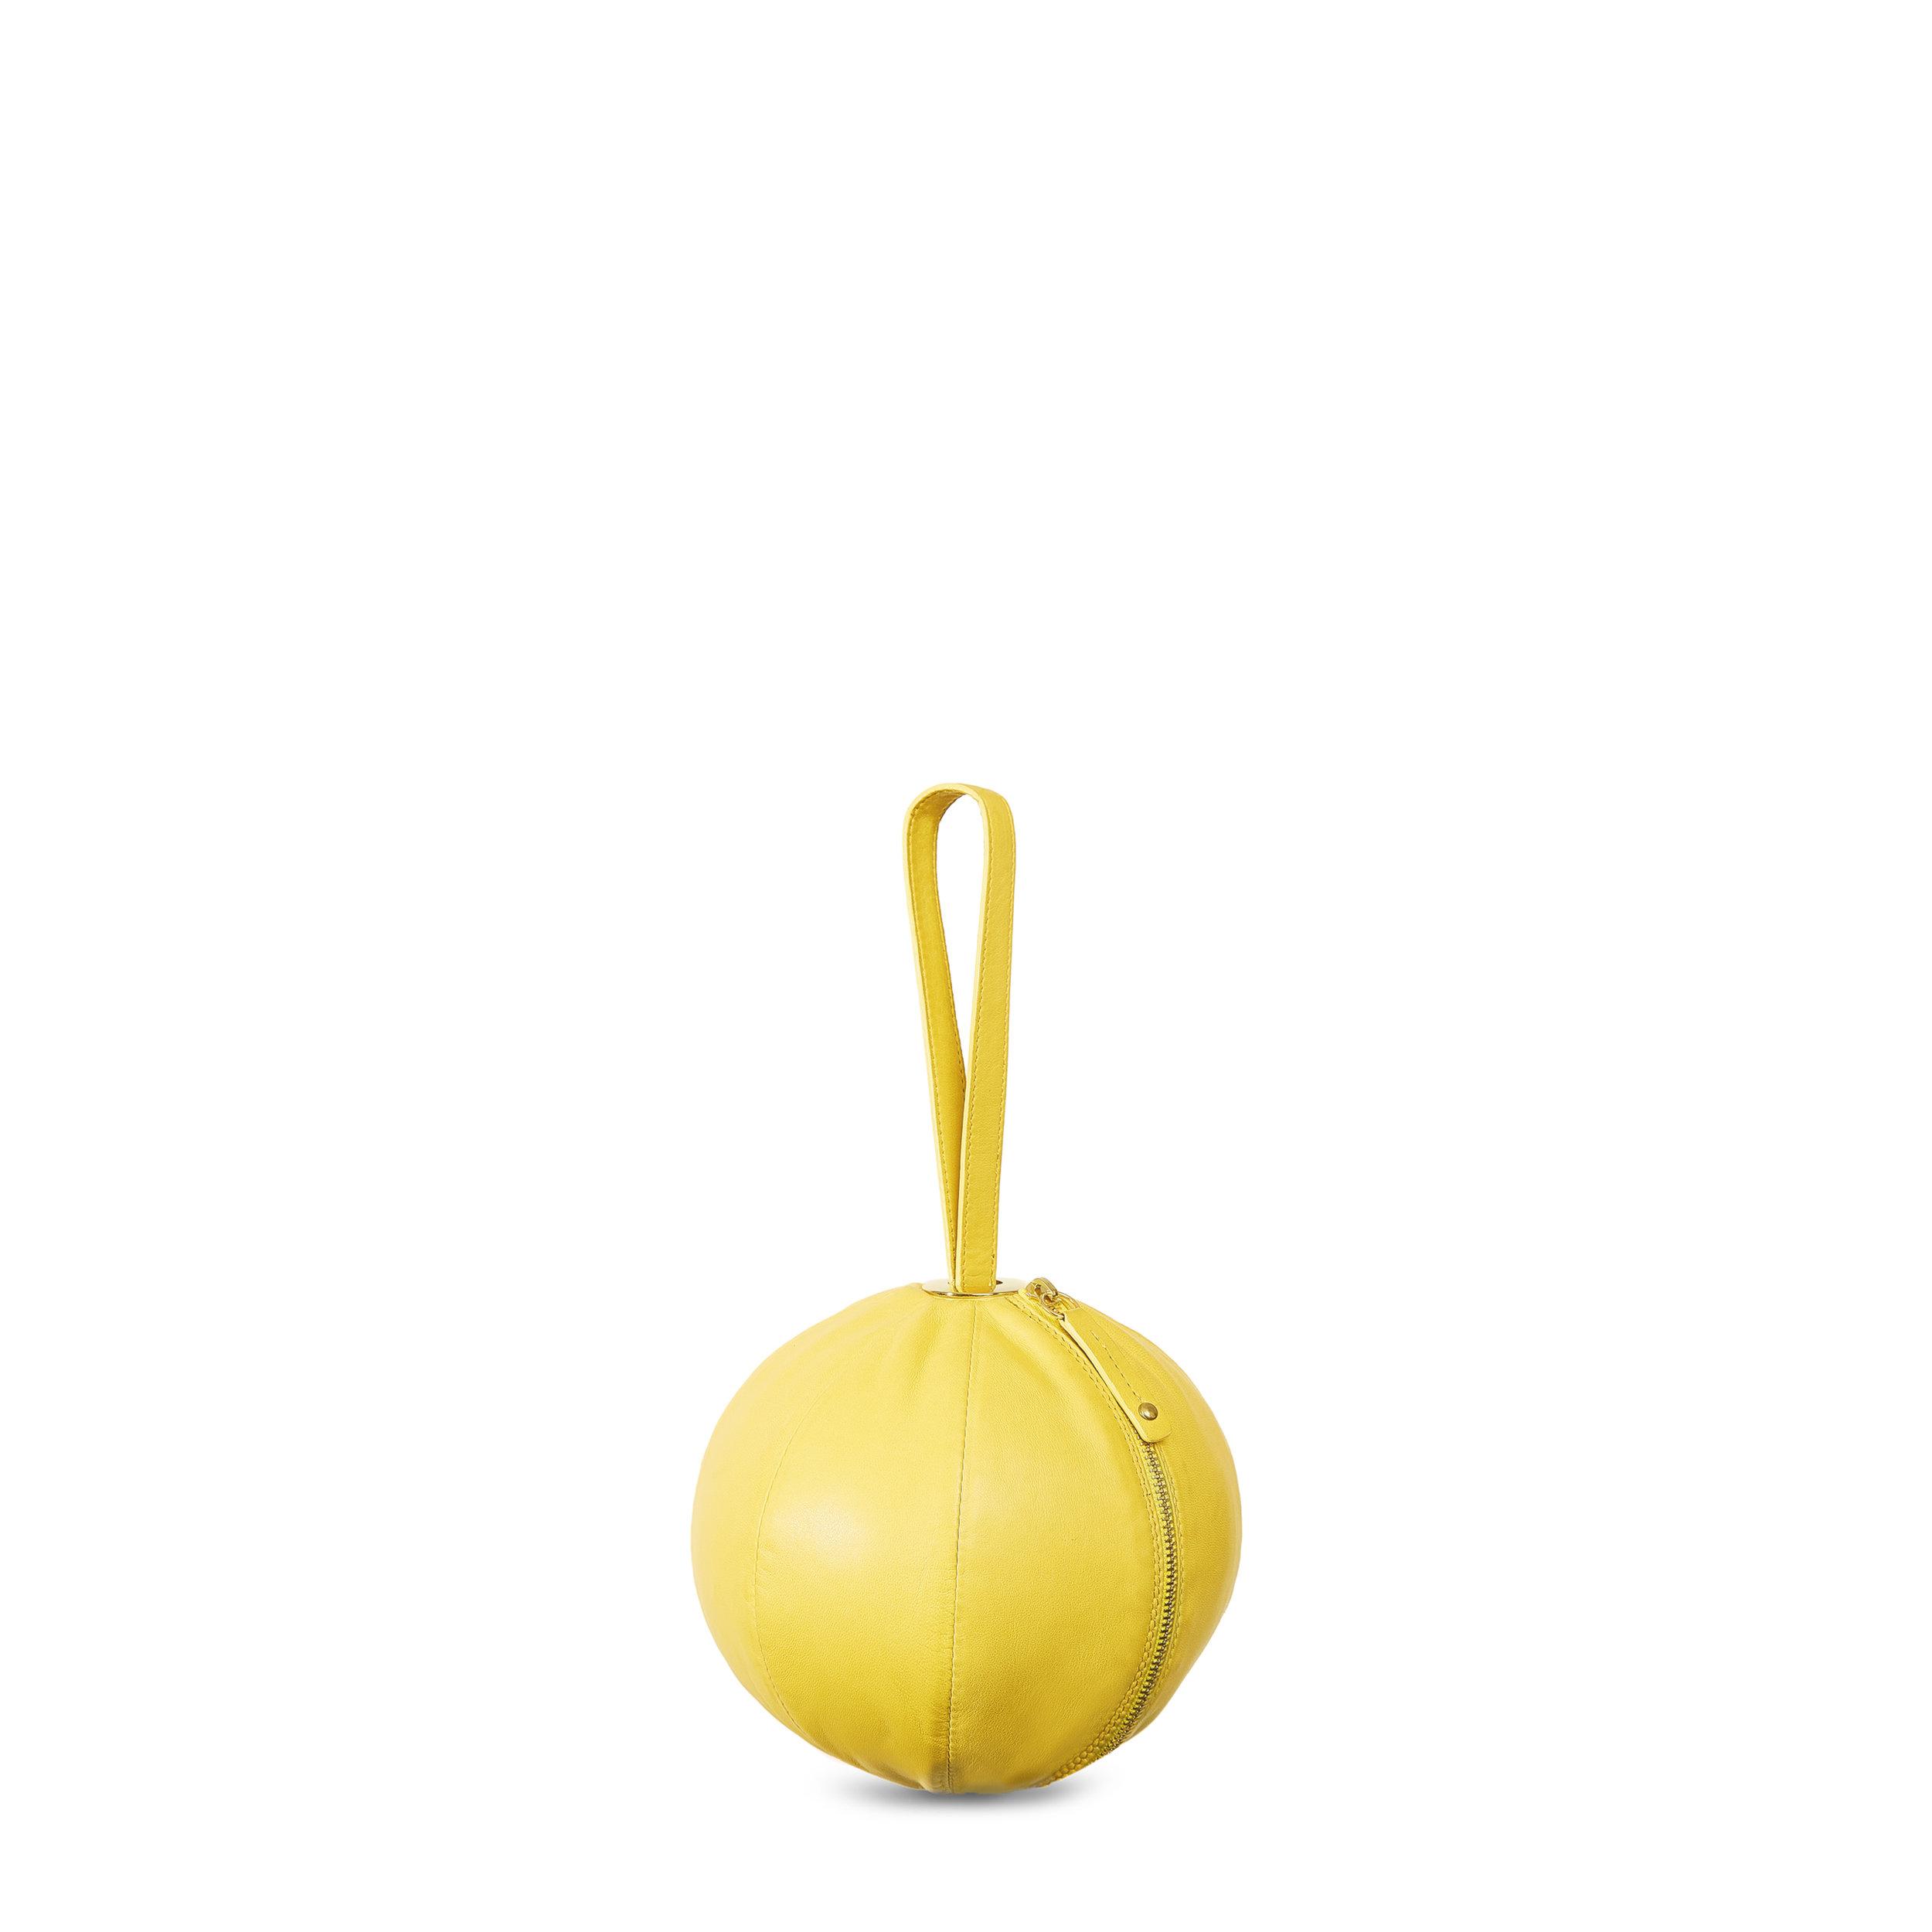 BALLOON WRIST jaune-BEA BUEHLER.jpg